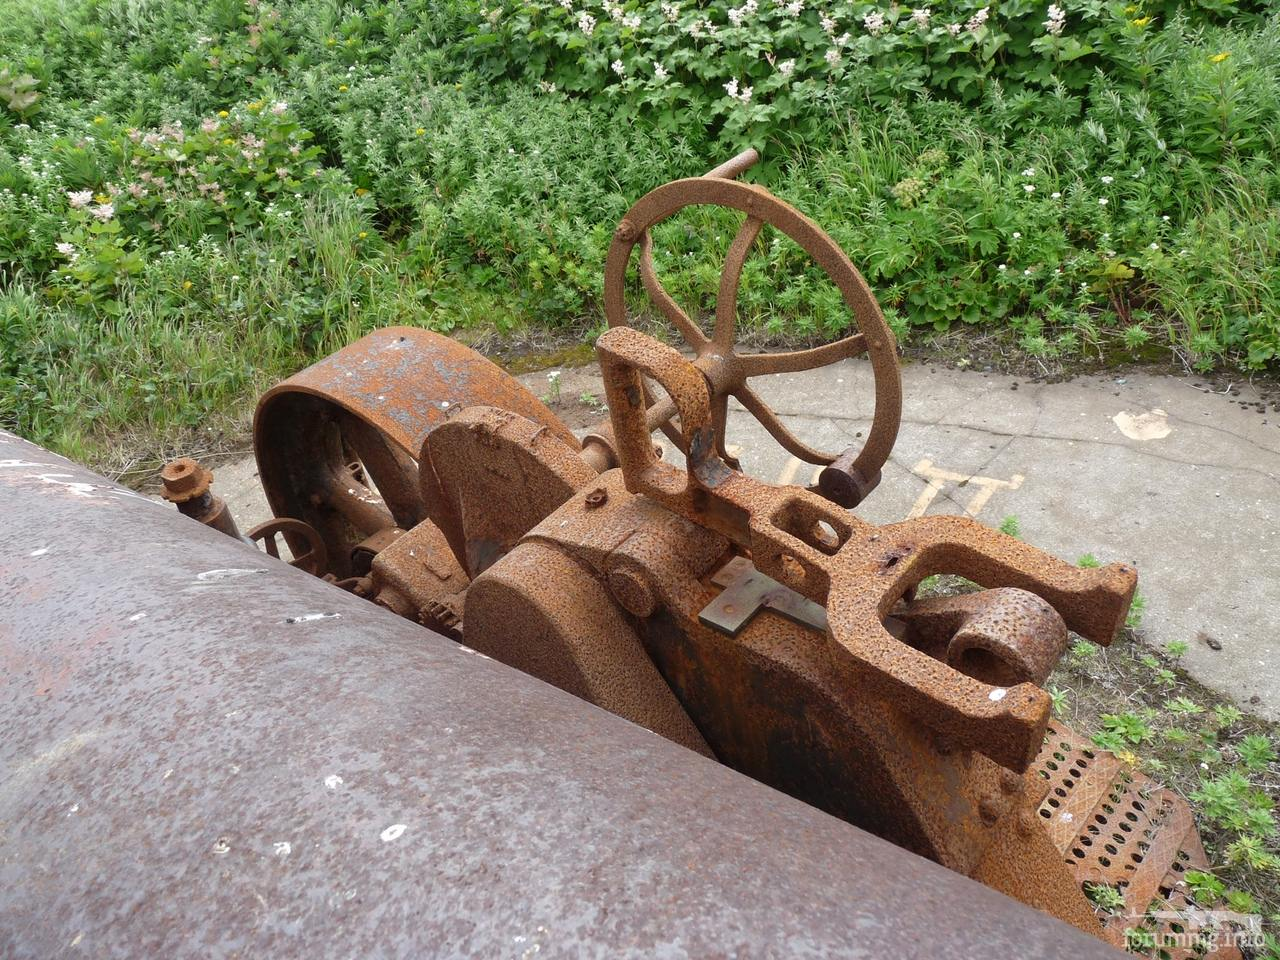 126746 - Корабельные пушки-монстры в музеях и во дворах...